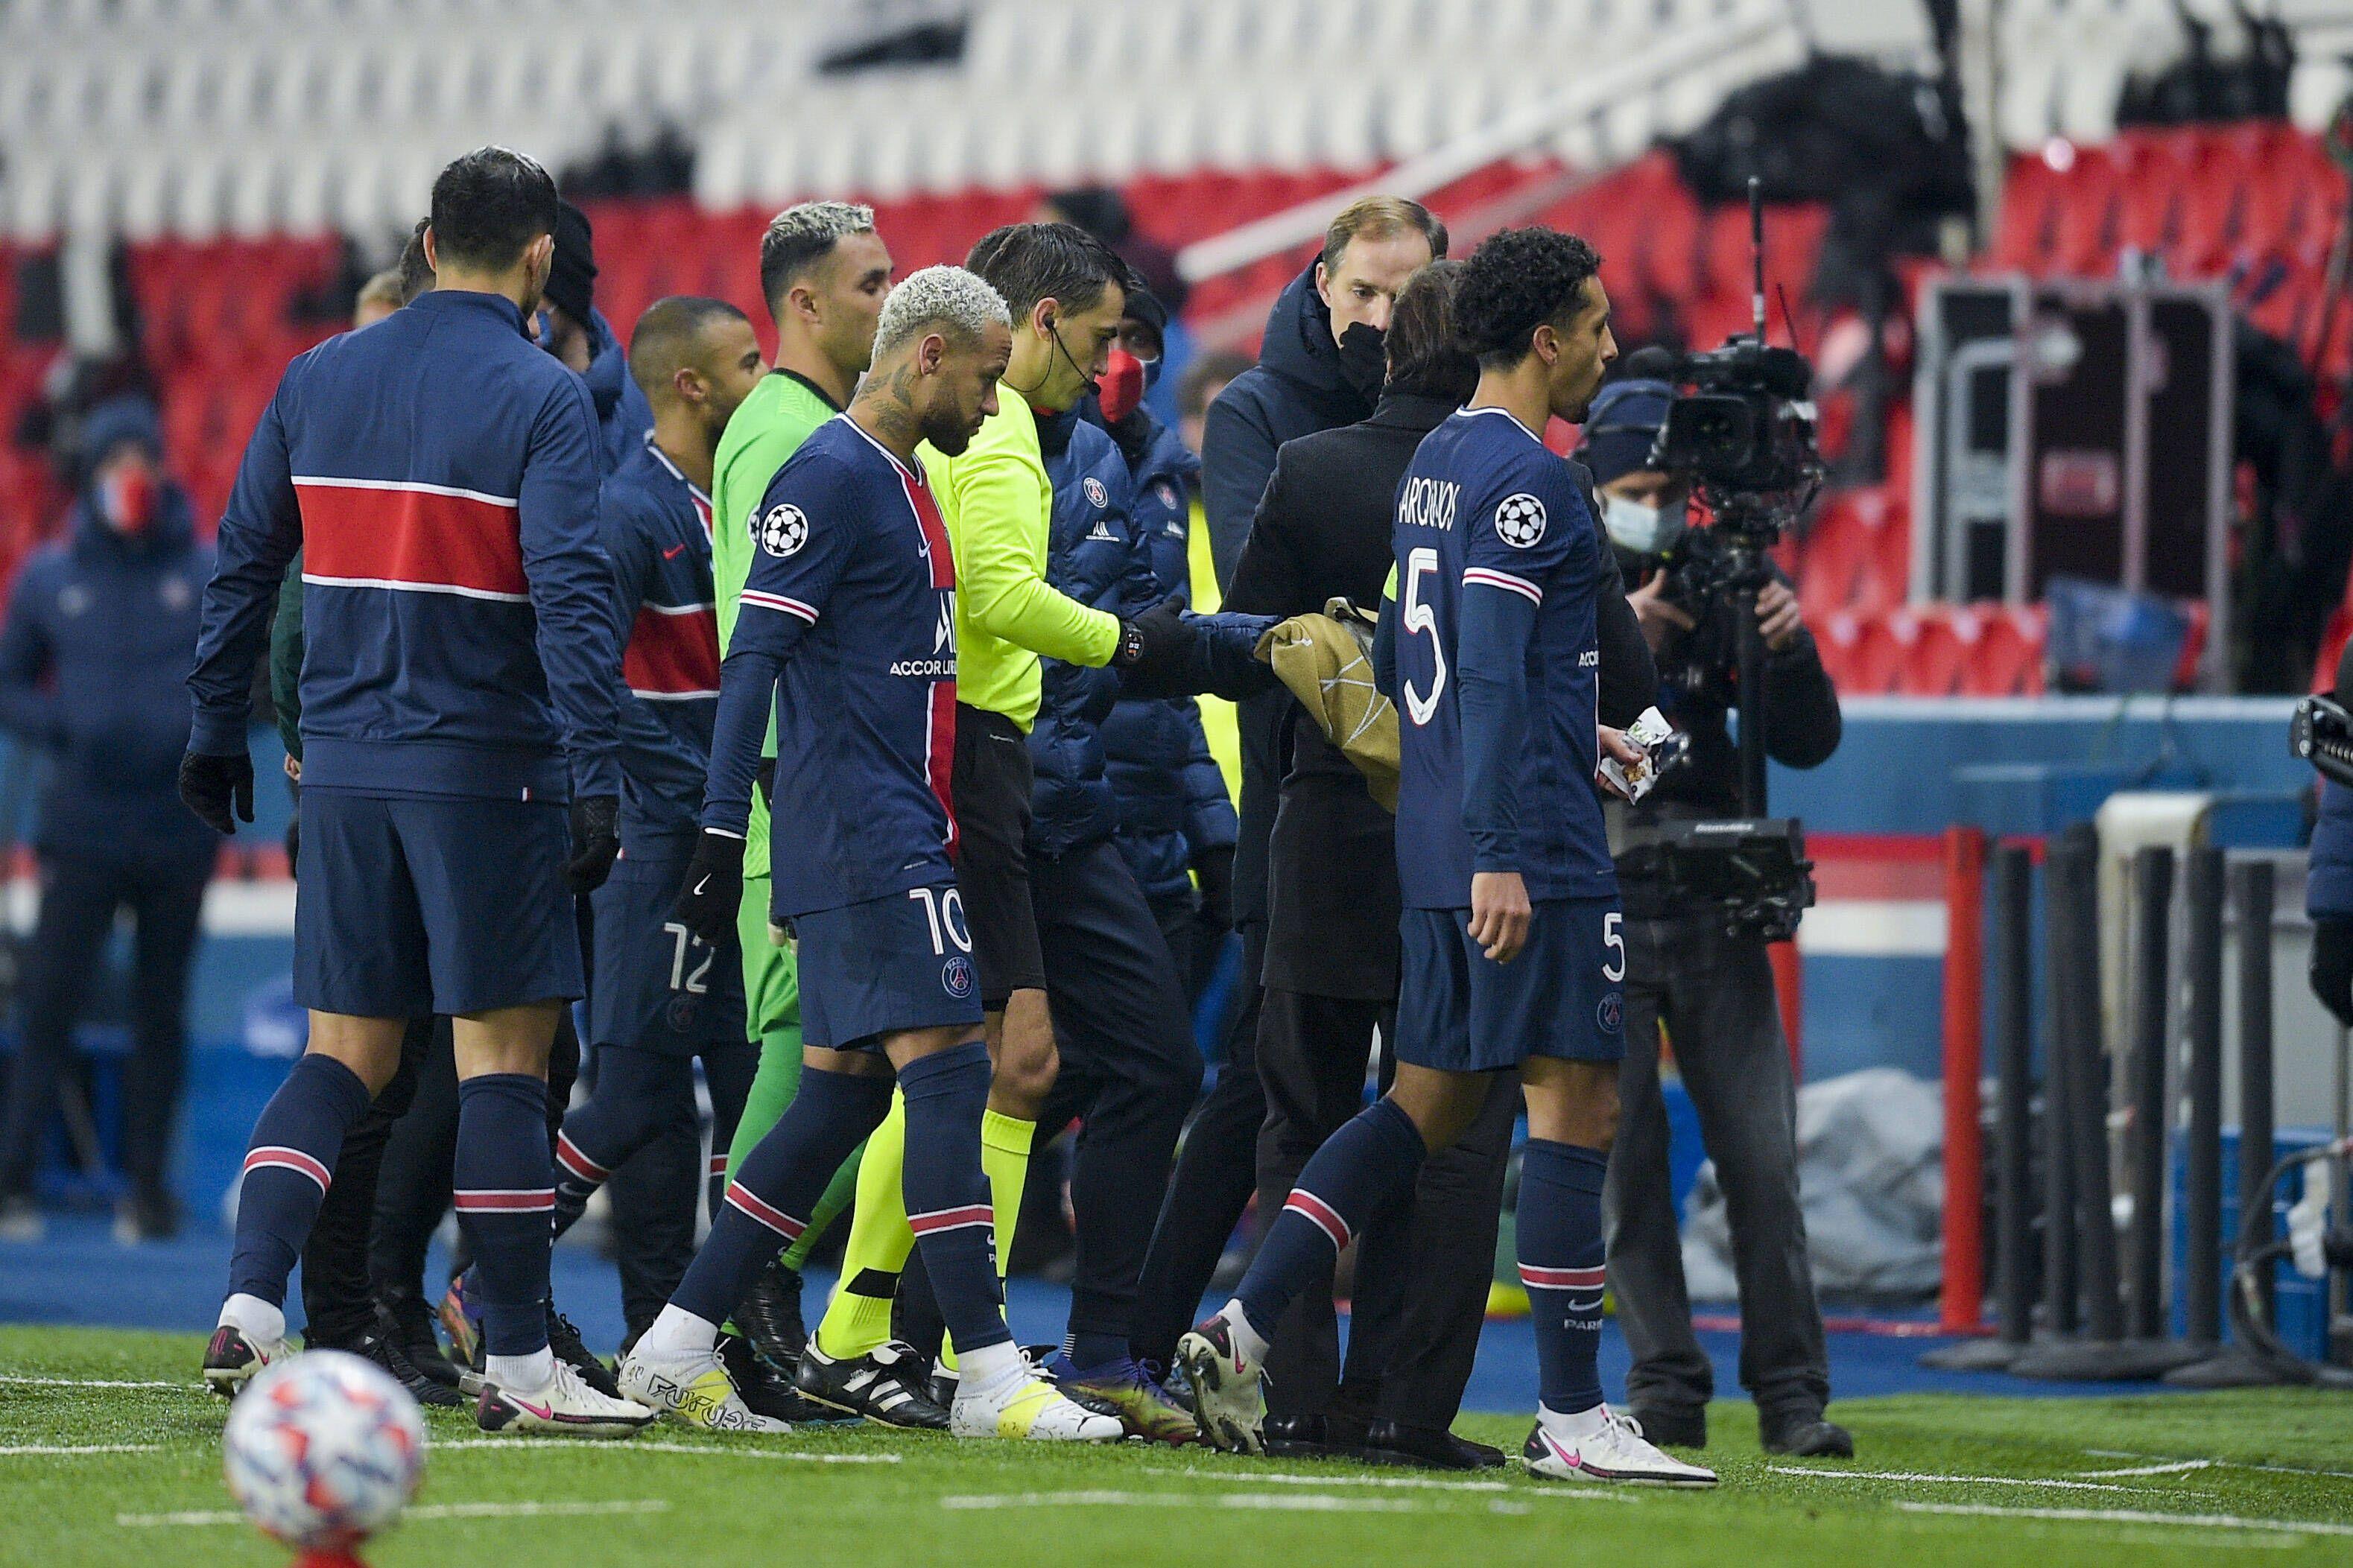 УЕФА оправдал румынского арбитра, которого обвиняли в расизме после матча 'ПСЖ' - 'Истанбул'